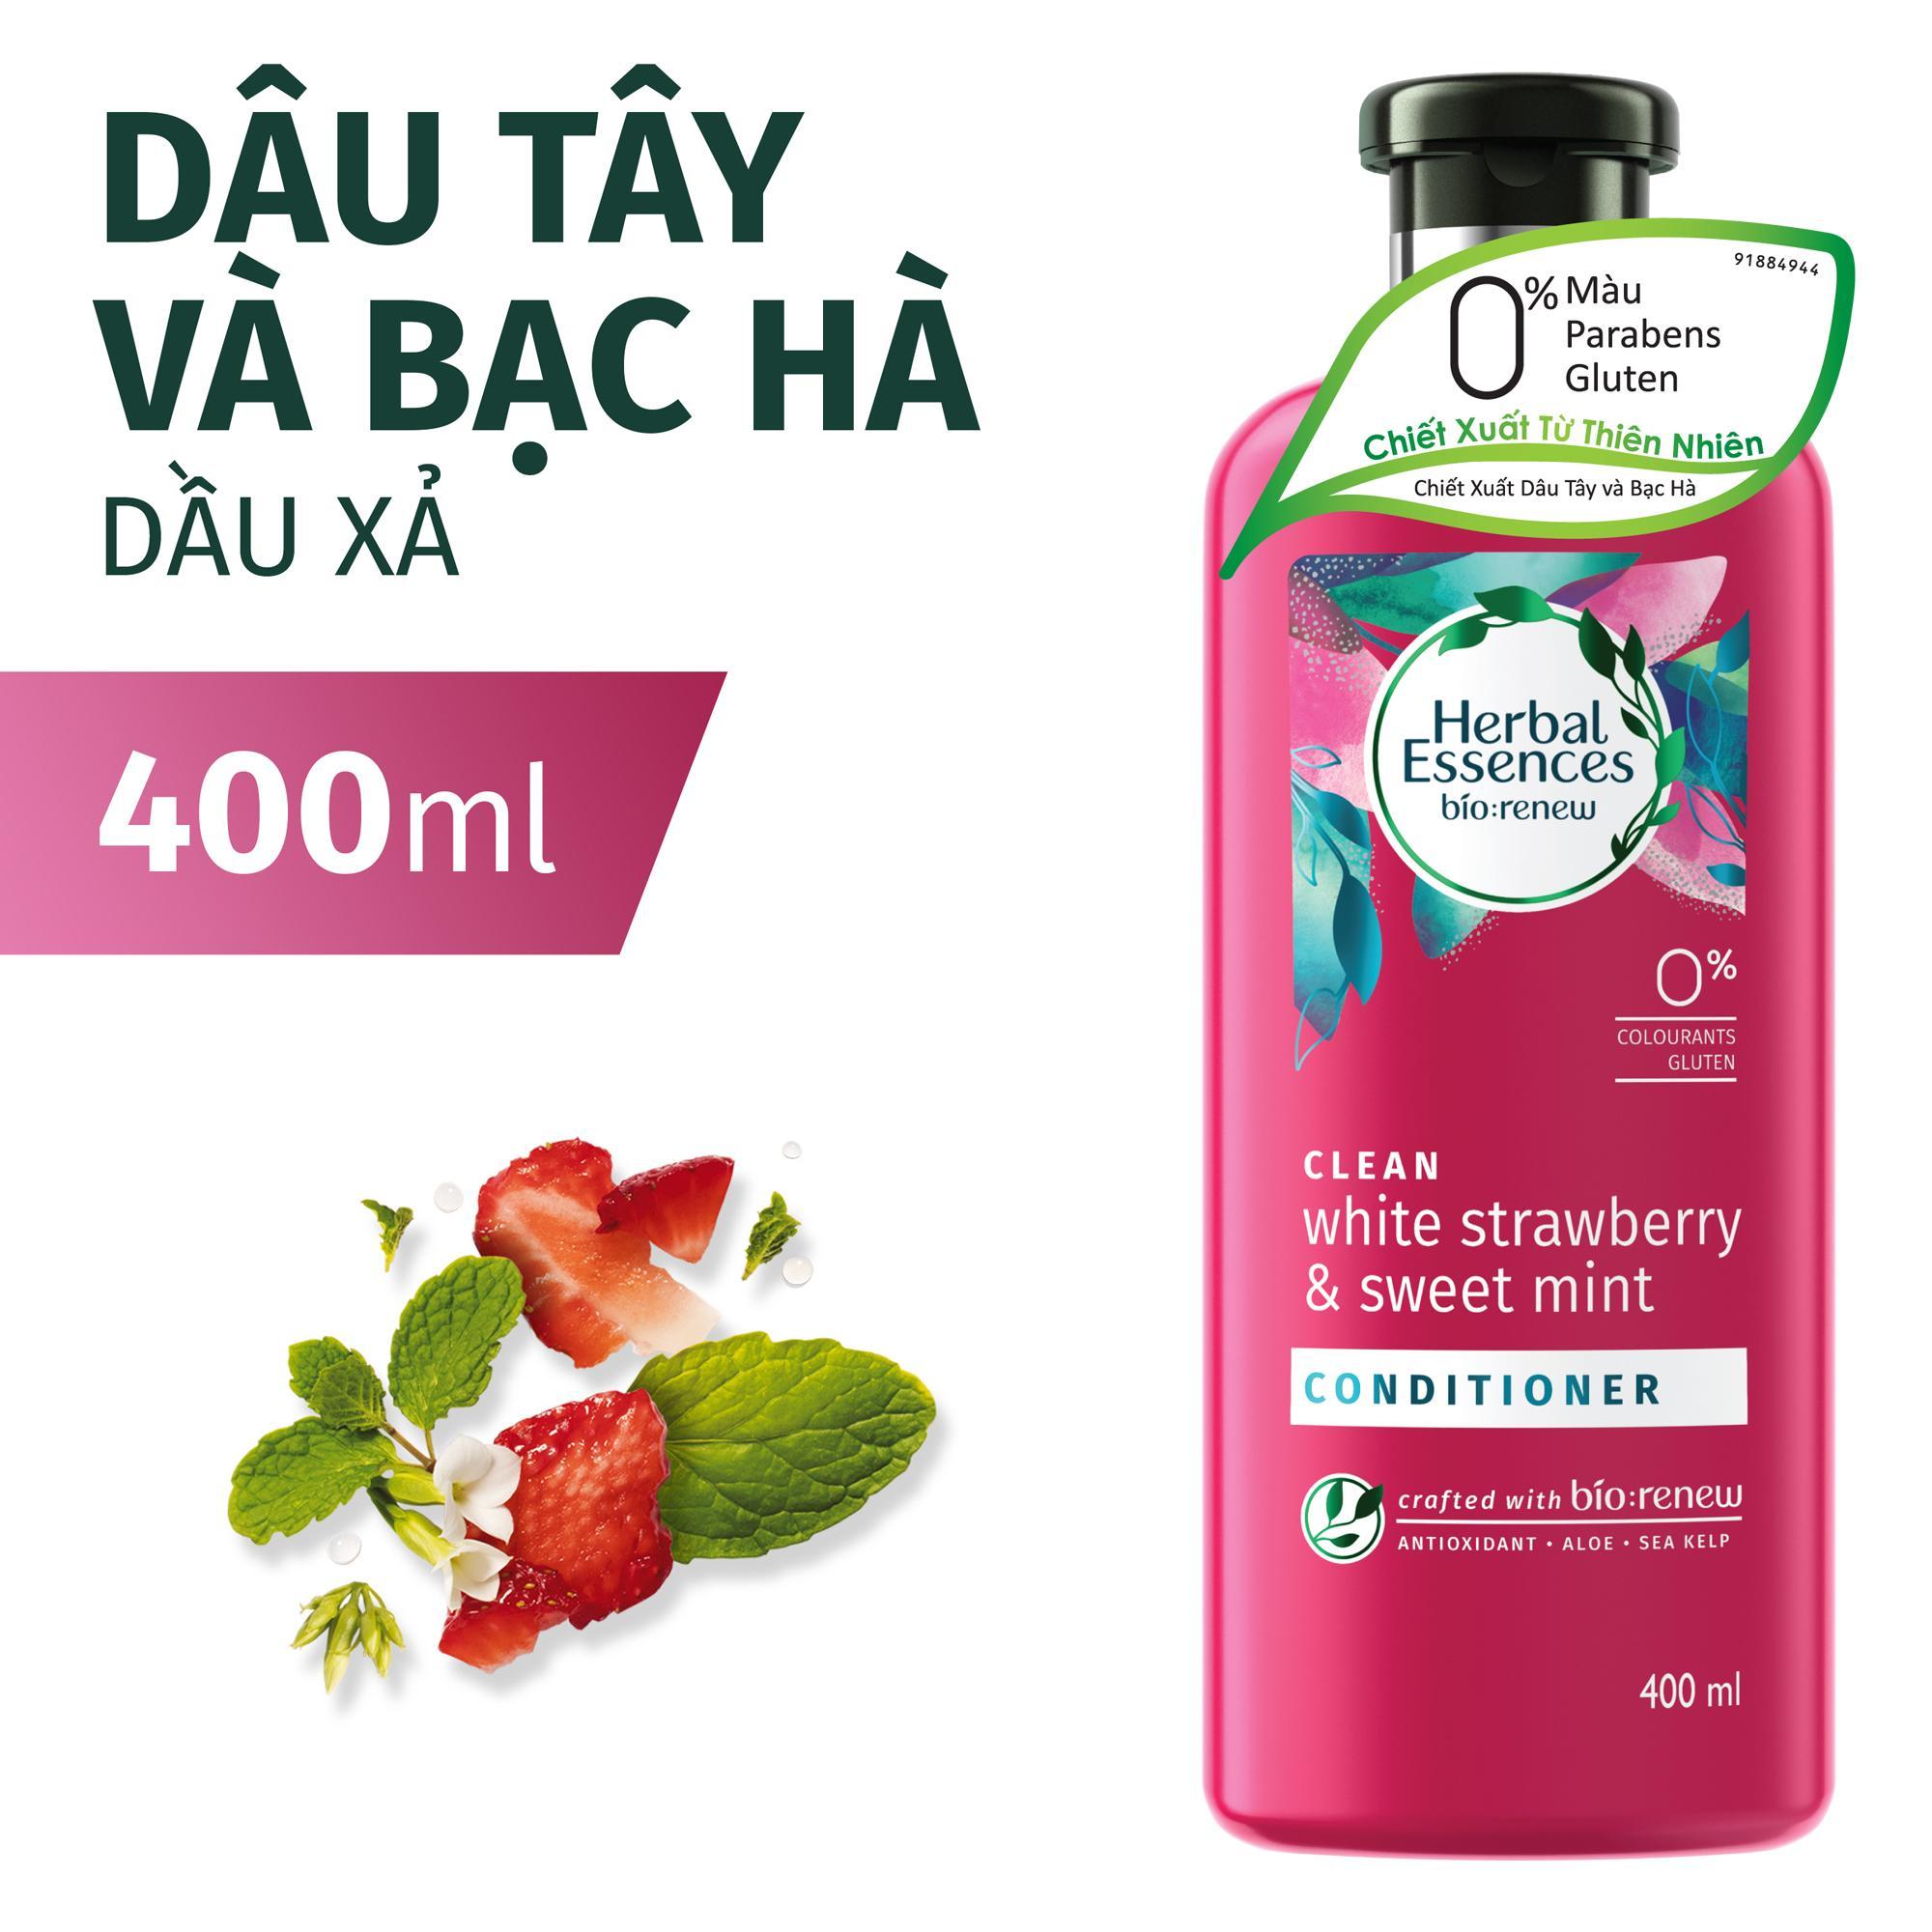 Dầu Xả Herbal Essences Dâu tây & Bạc hà 400ml